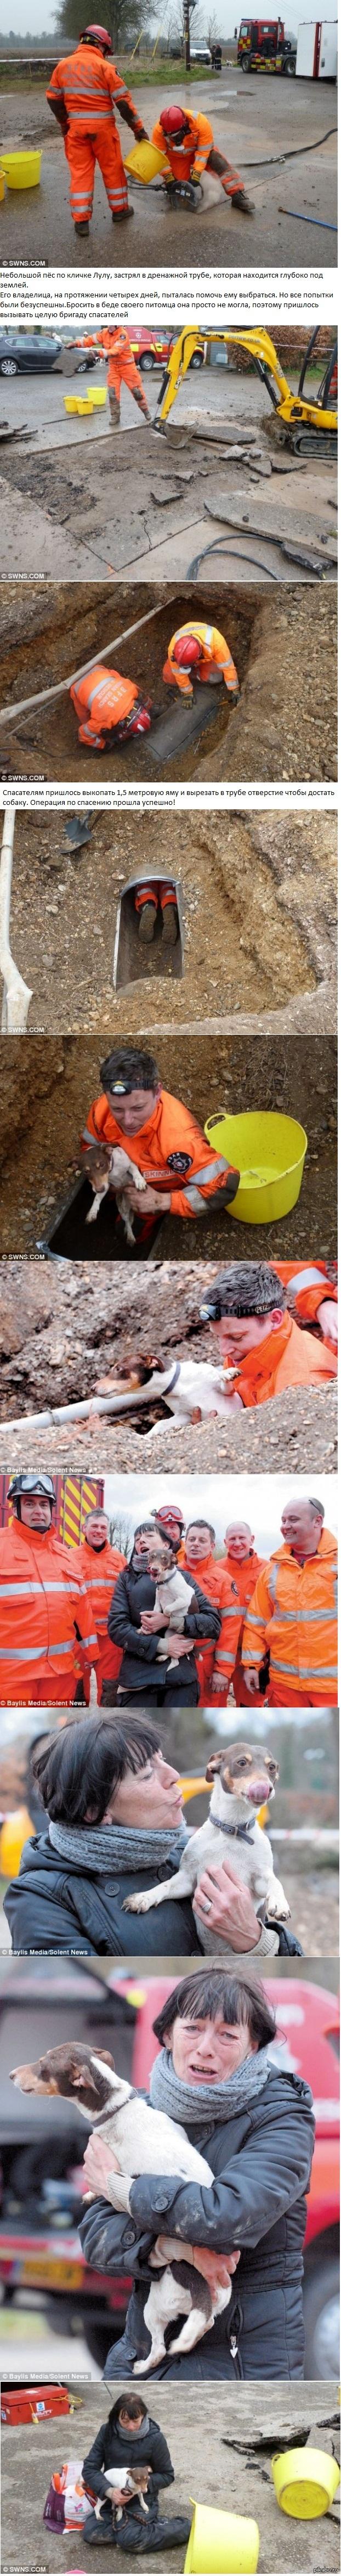 Спасение собаки, застрявшей в трубе